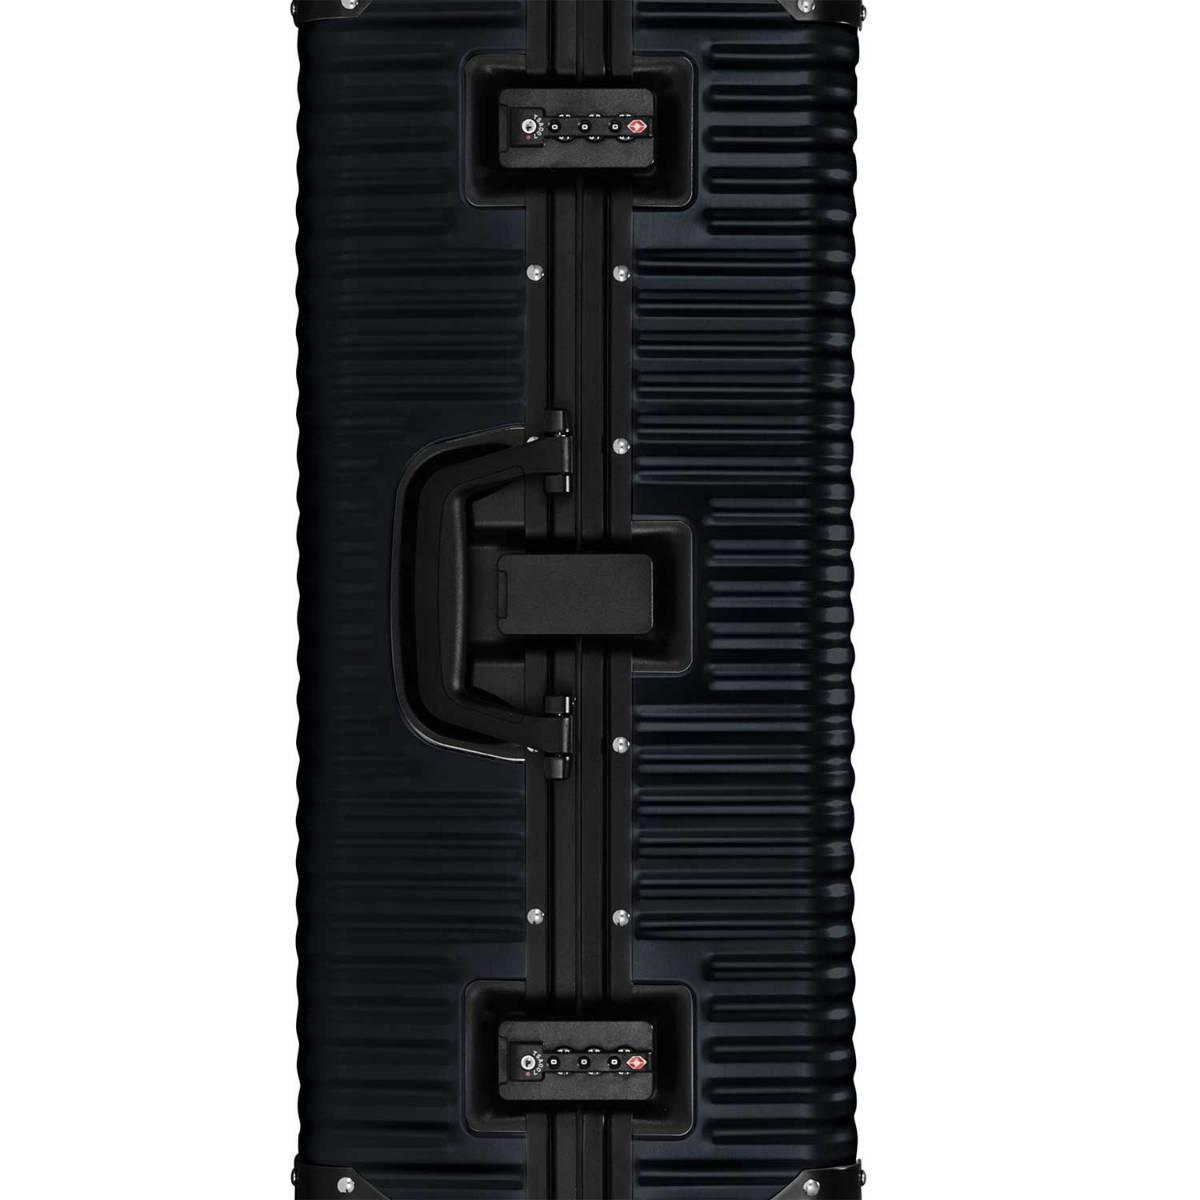 【クリアランスセール・GoTo トラベル】ランツォ LANZZO Norman ノーマン 4輪 87L 約7.0kg ダイアルロック式 アルミ スーツケース Al-Mg29 62904 BLK(ブラック)【返品交換不可】special priceAM